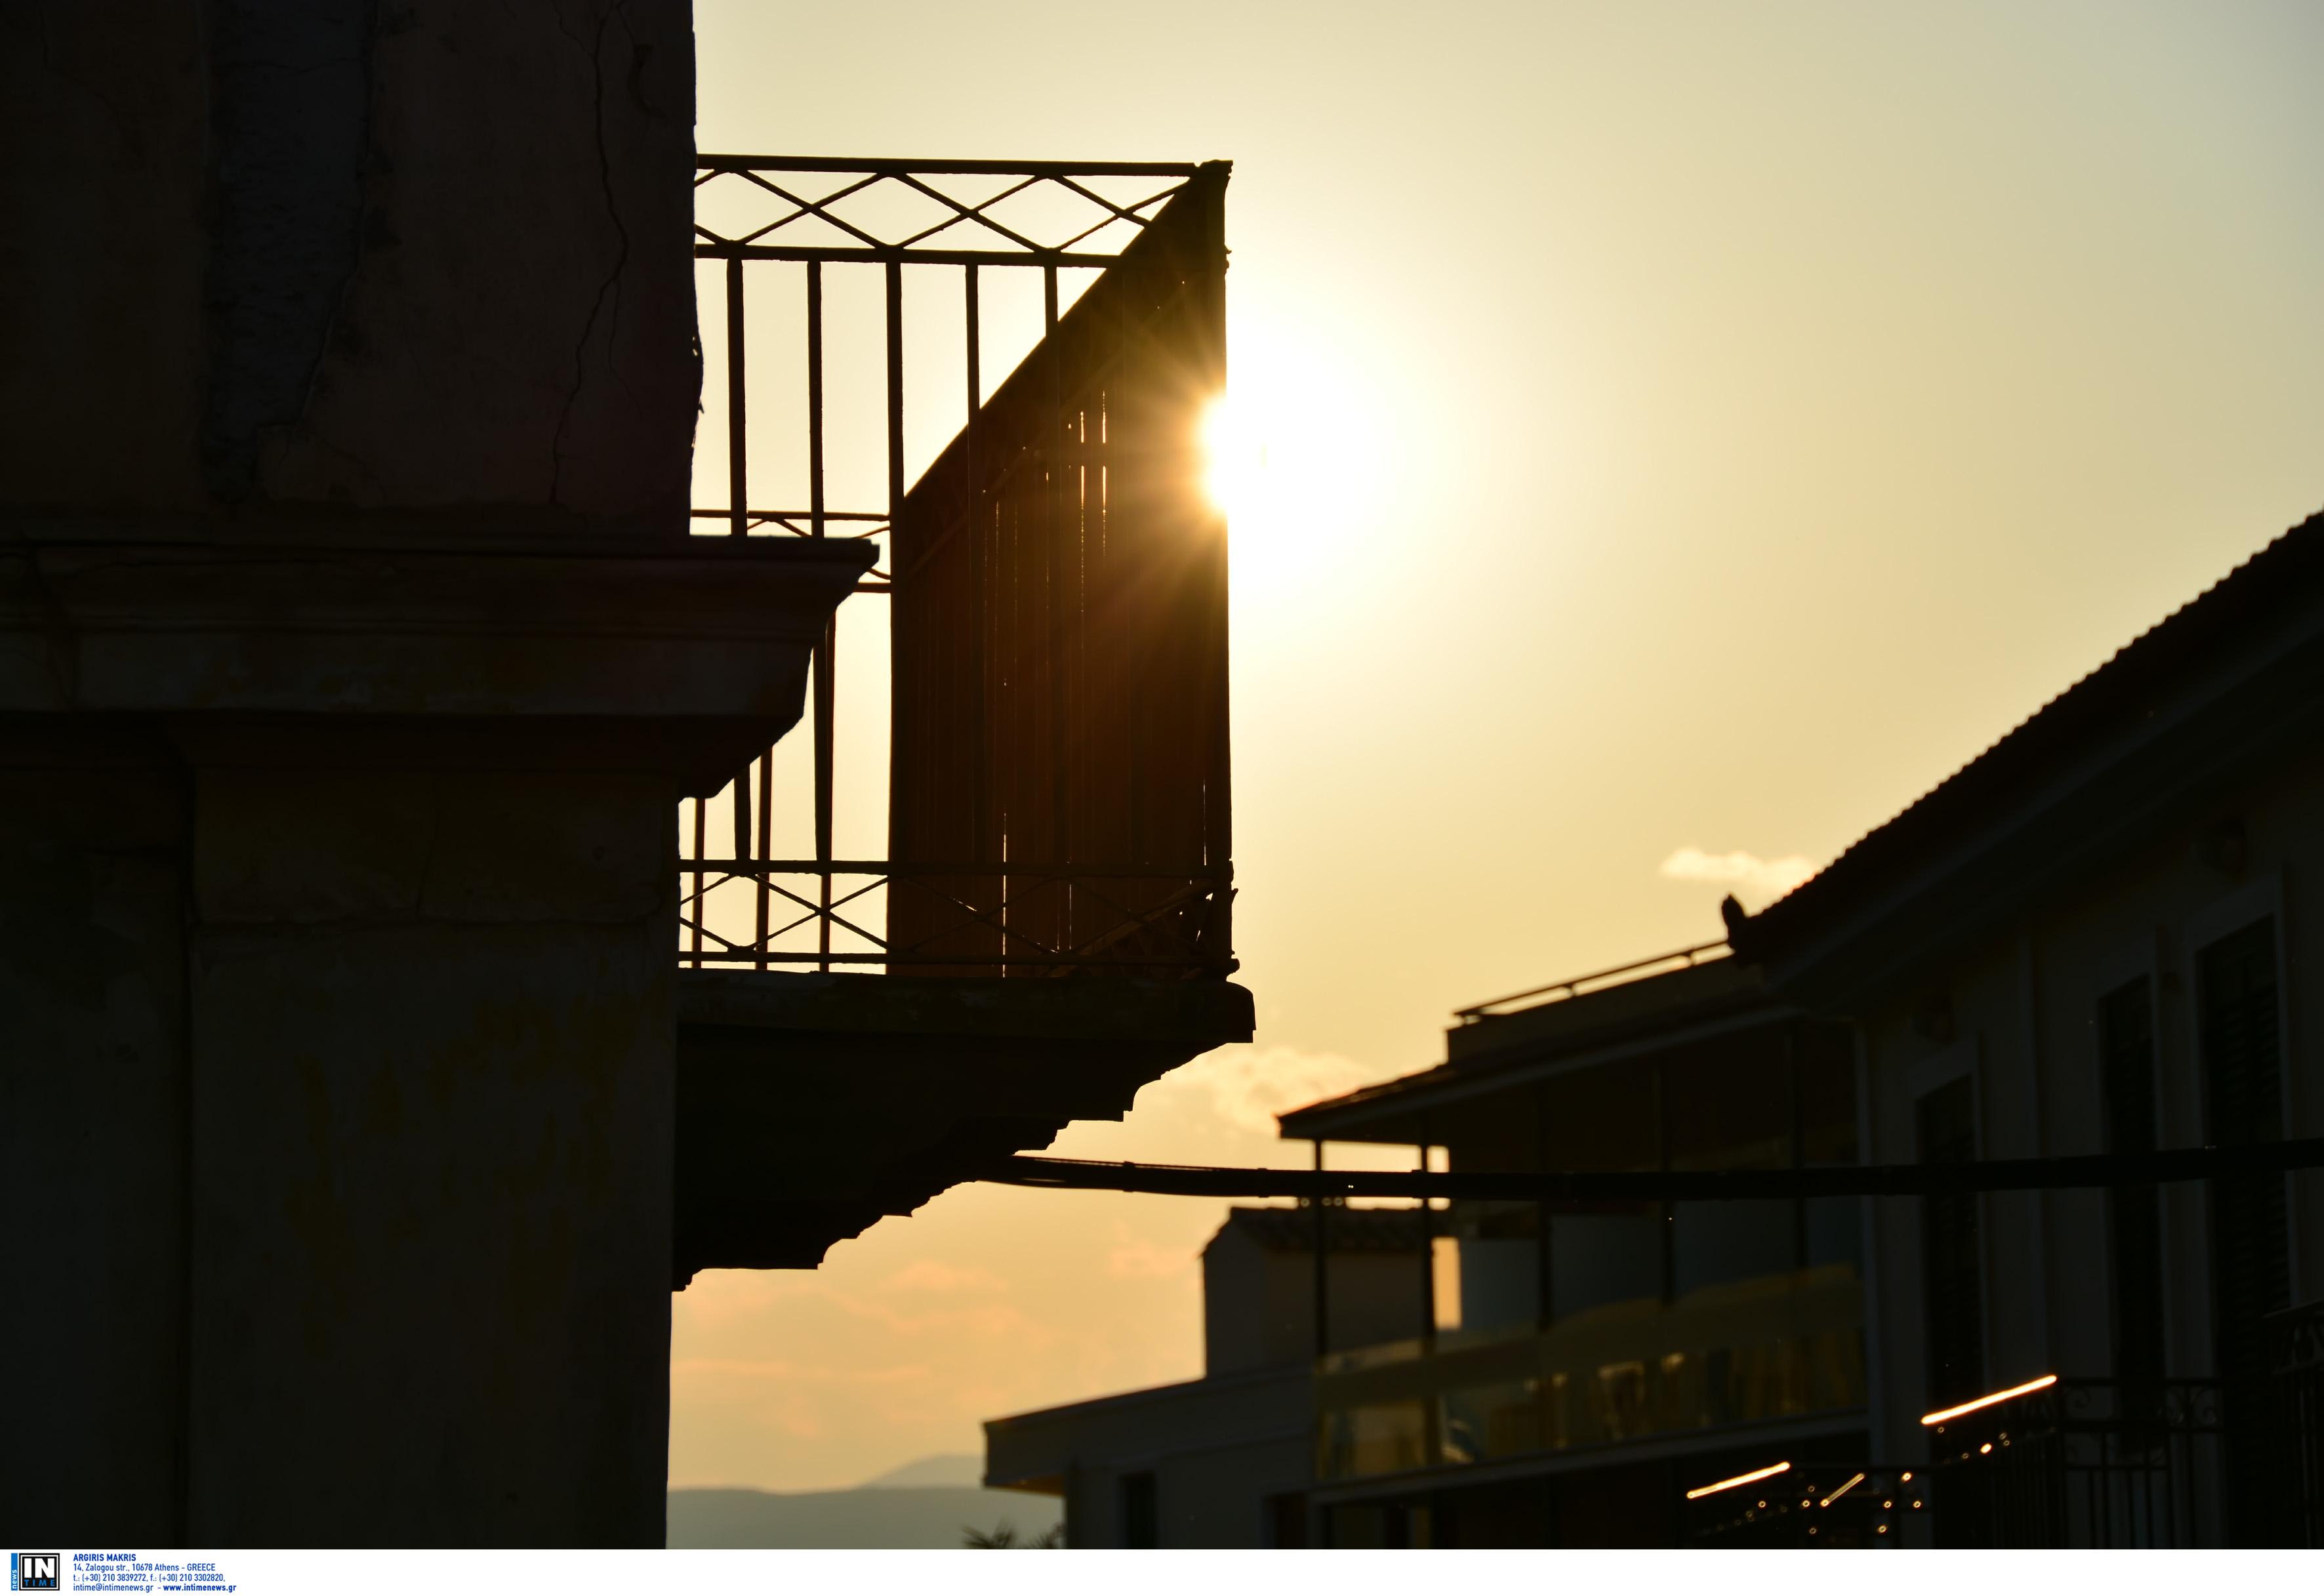 Κορονοϊός: Βγήκε στο μπαλκόνι και άρχισε να ψαρεύει! Το αμίμητο βίντεο στην Κρήτη